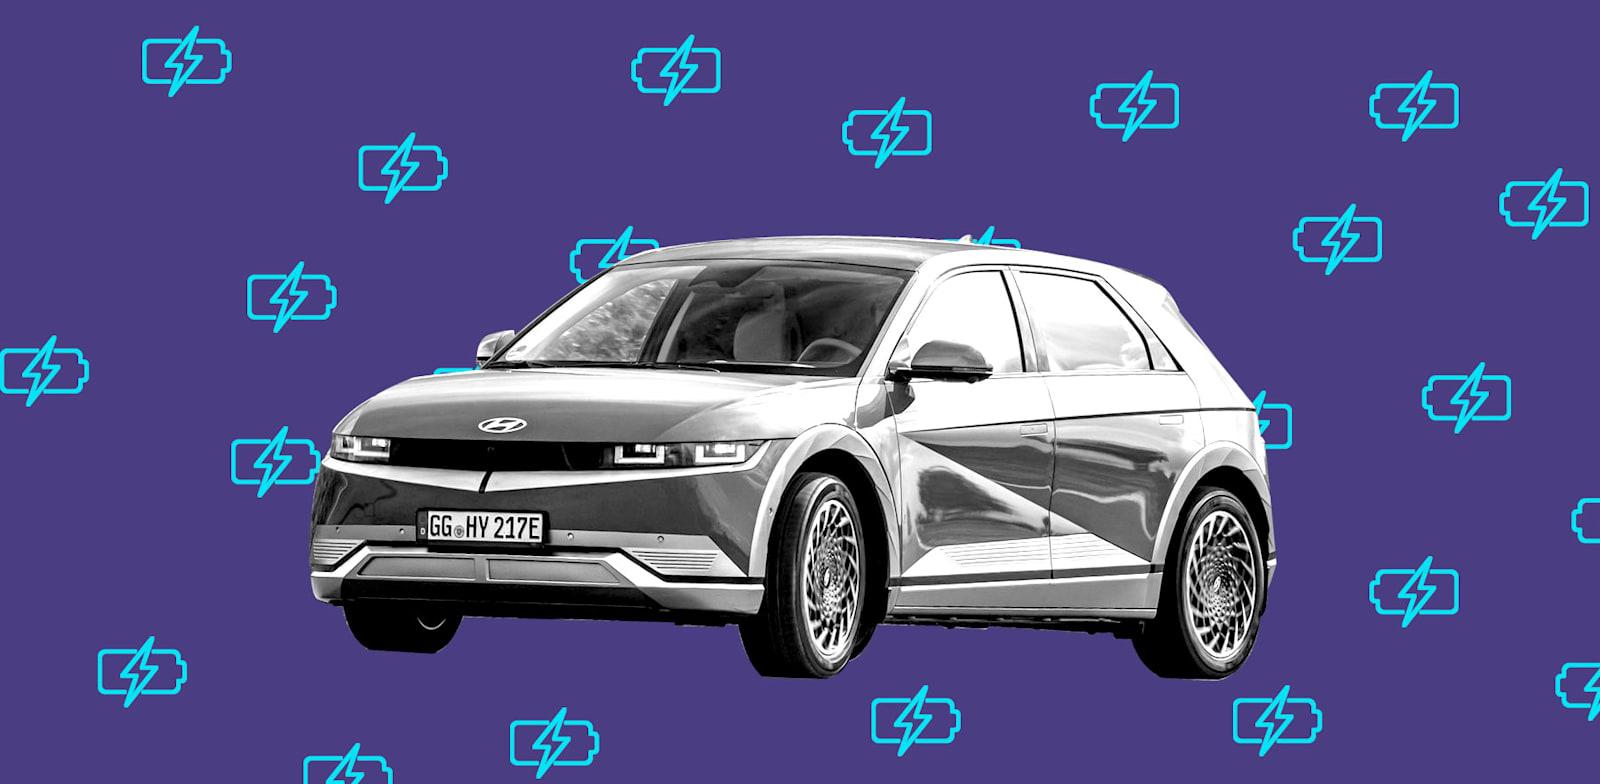 """החשמלית החדשה """"איוניק 5"""". מענה אסטרטגי לכיבוש של """"טסלה"""" - השבוע בעולם הרכב / צילום: יח""""צ"""